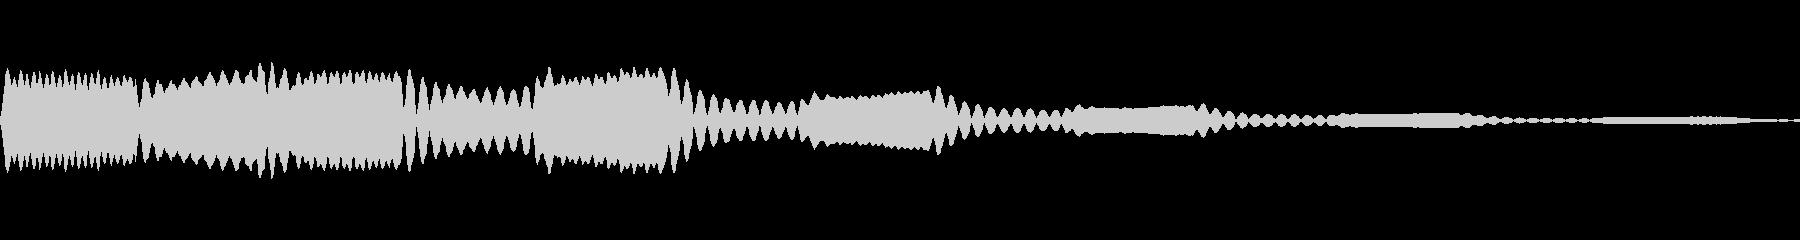 ホワホワ(妖精が舞う 着信)の未再生の波形